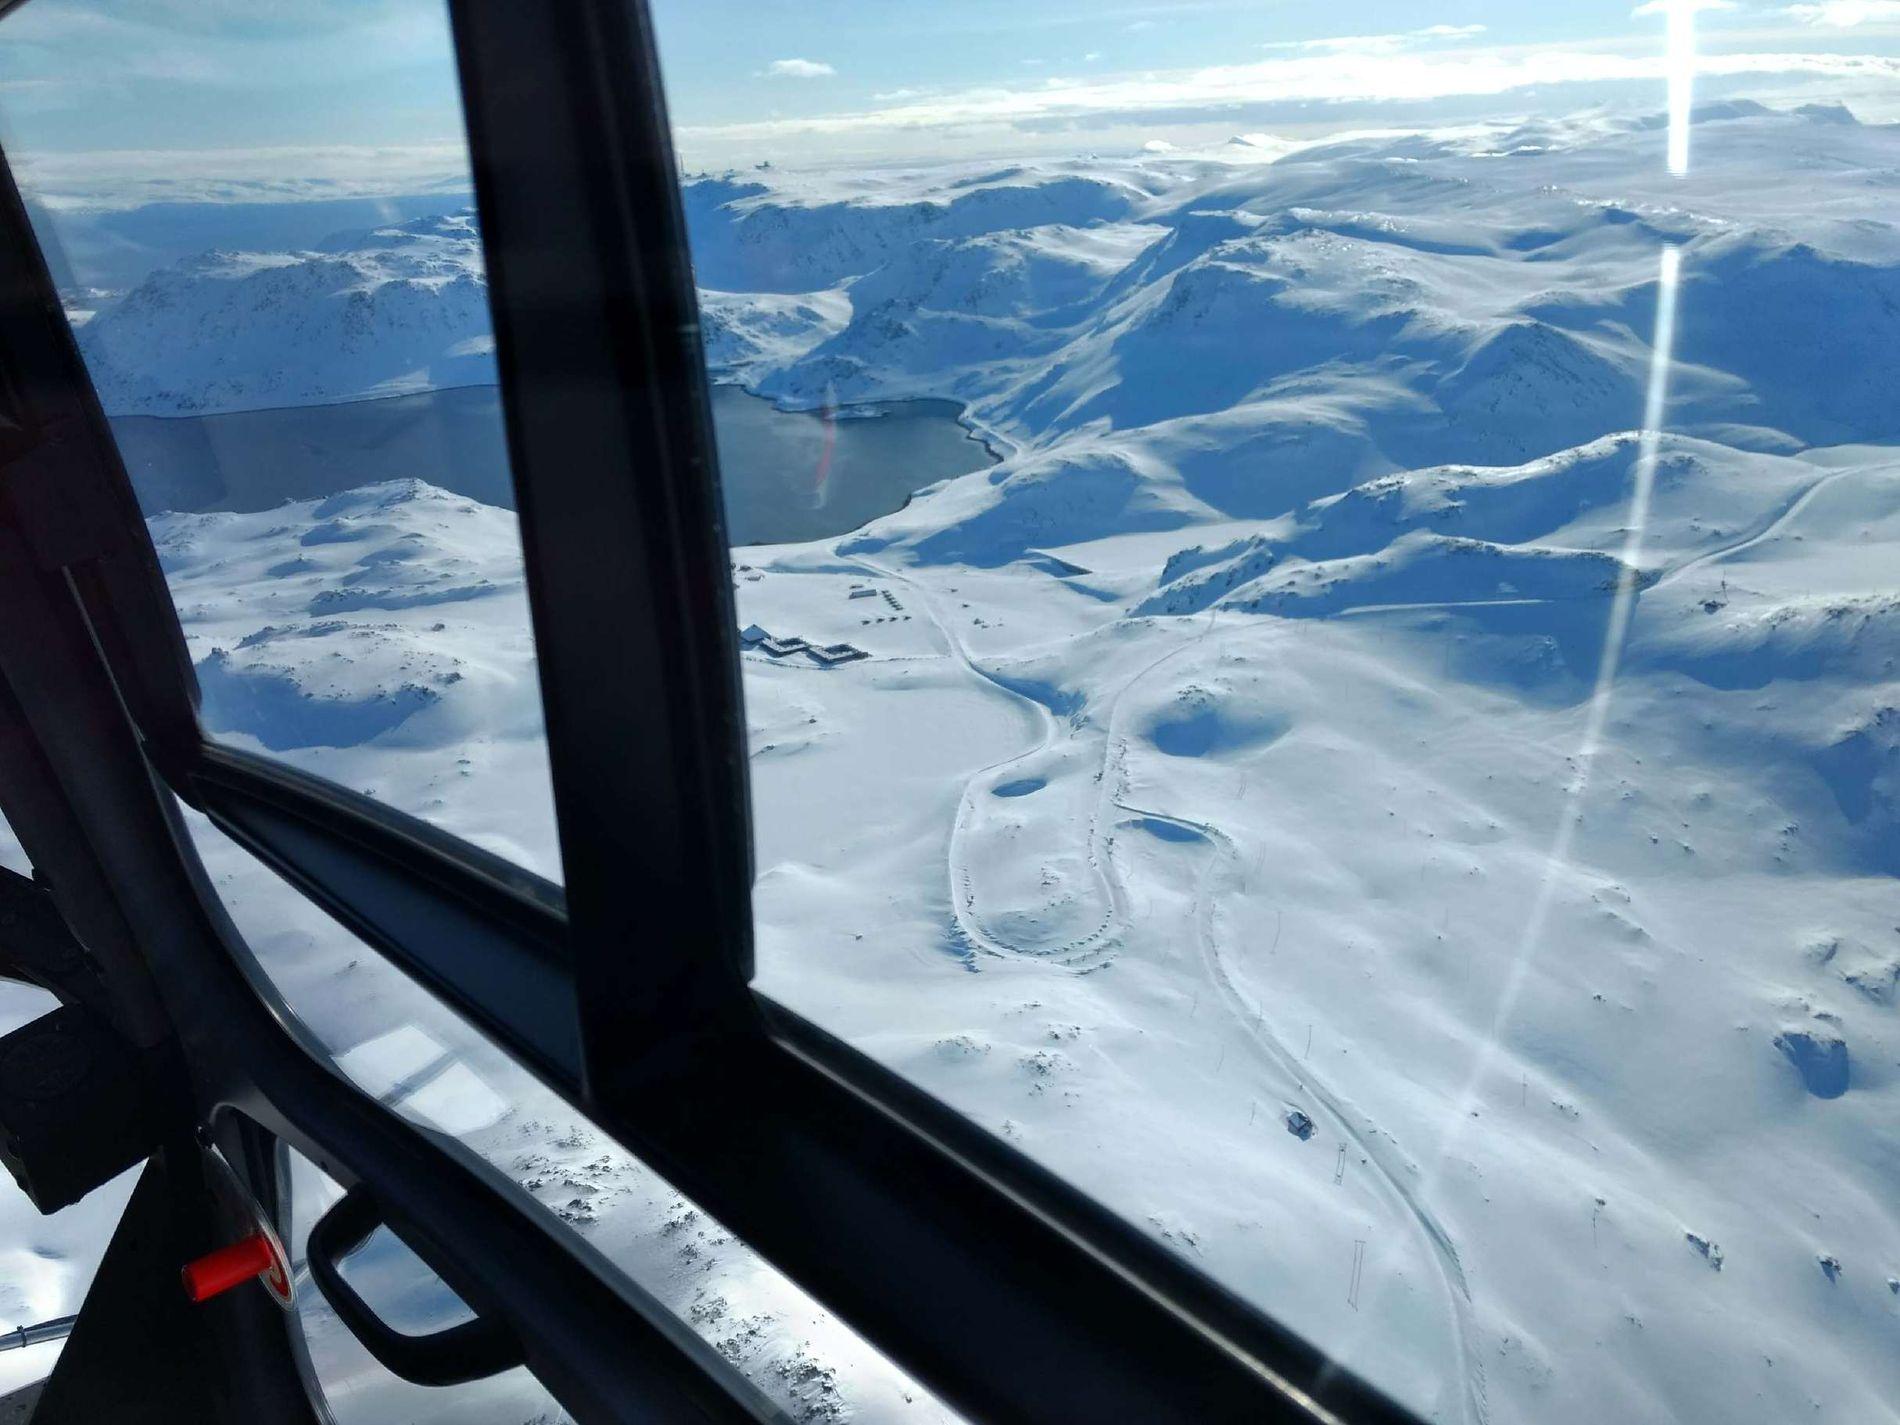 FLOTT UTSIKT: Det tok fem minutter med helikopter til Honningsvåg. Under er veien ved Kamøyvær og utsikten fra helikopteret.